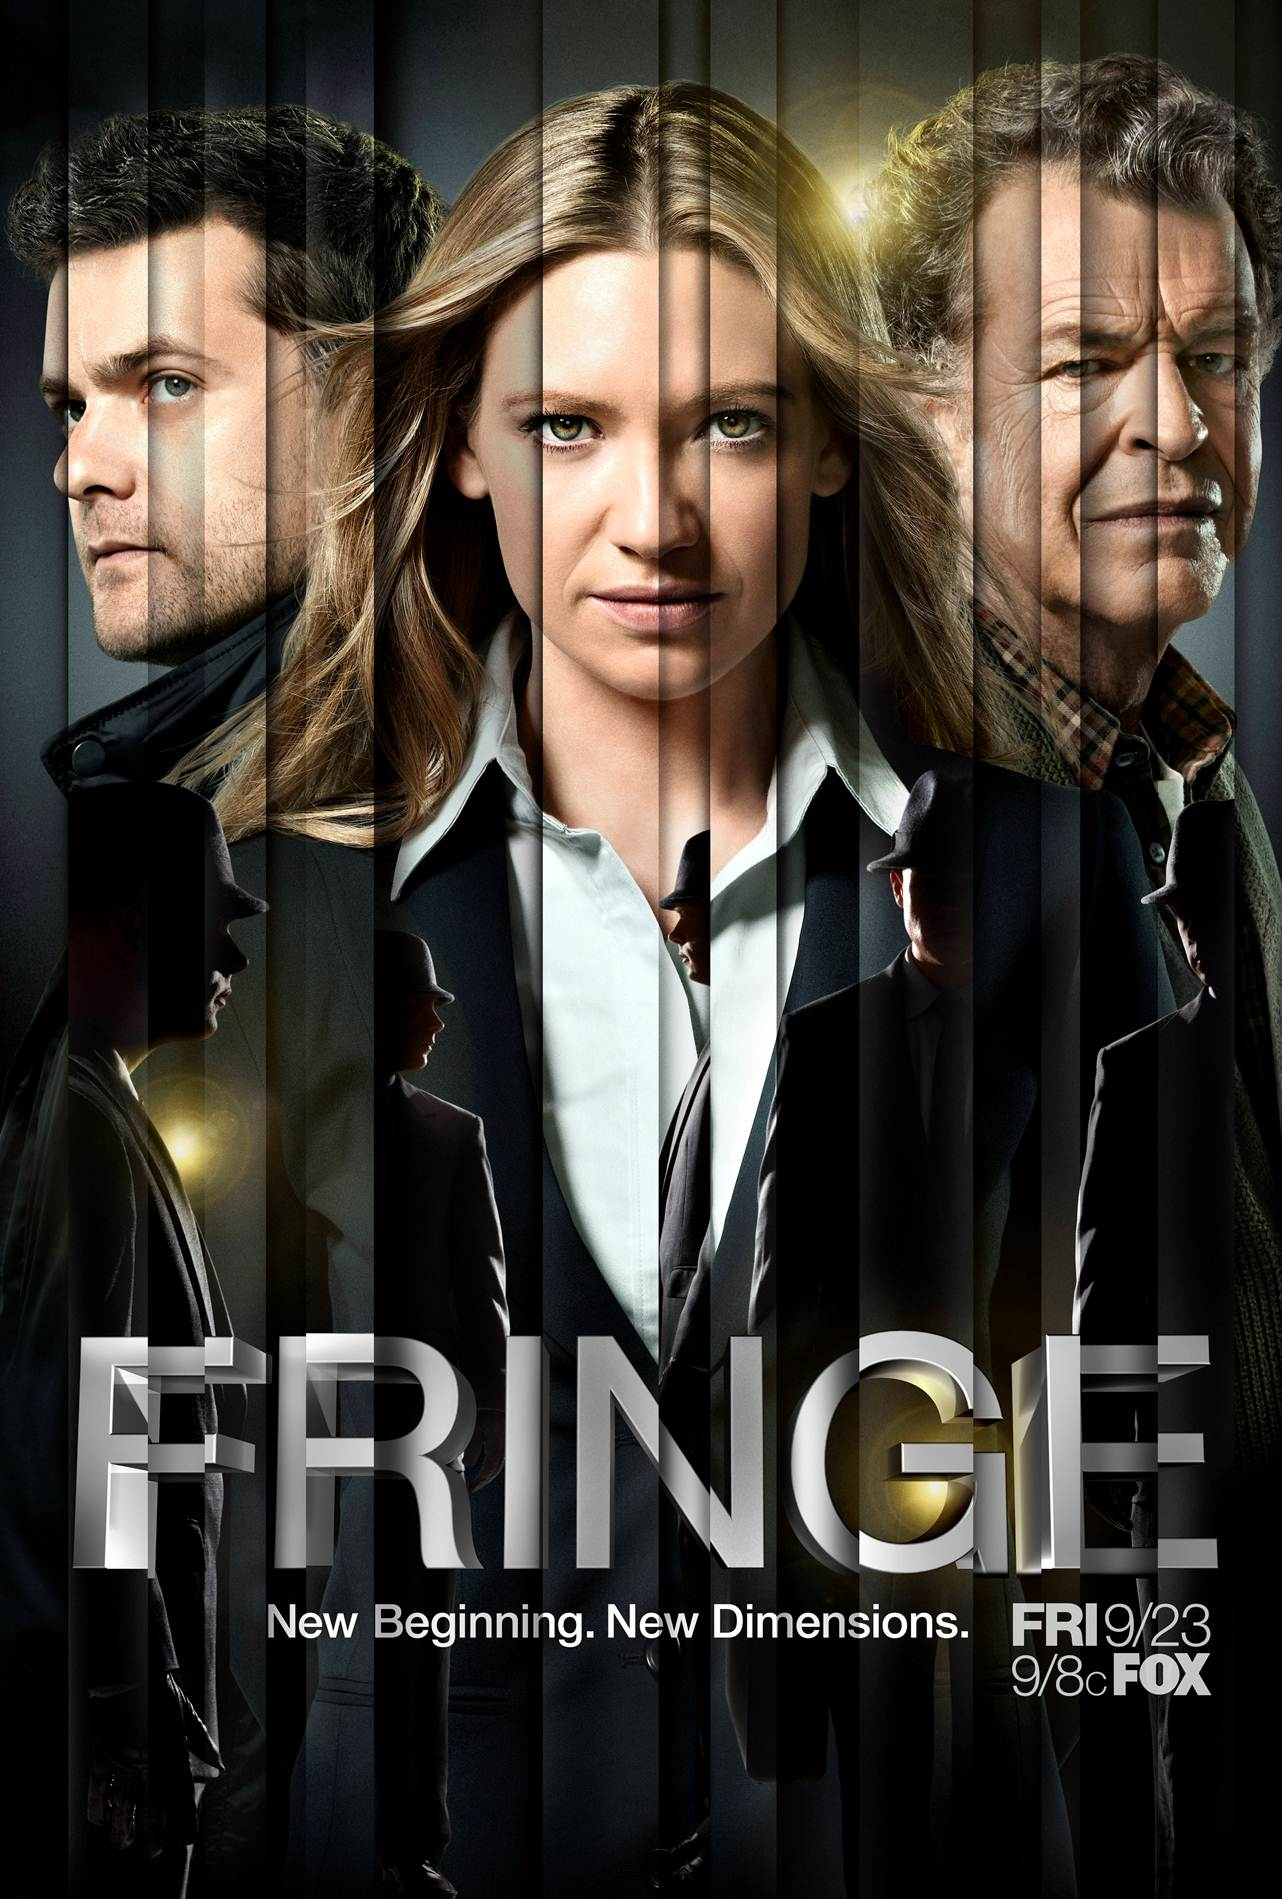 fringe_season_4_poster